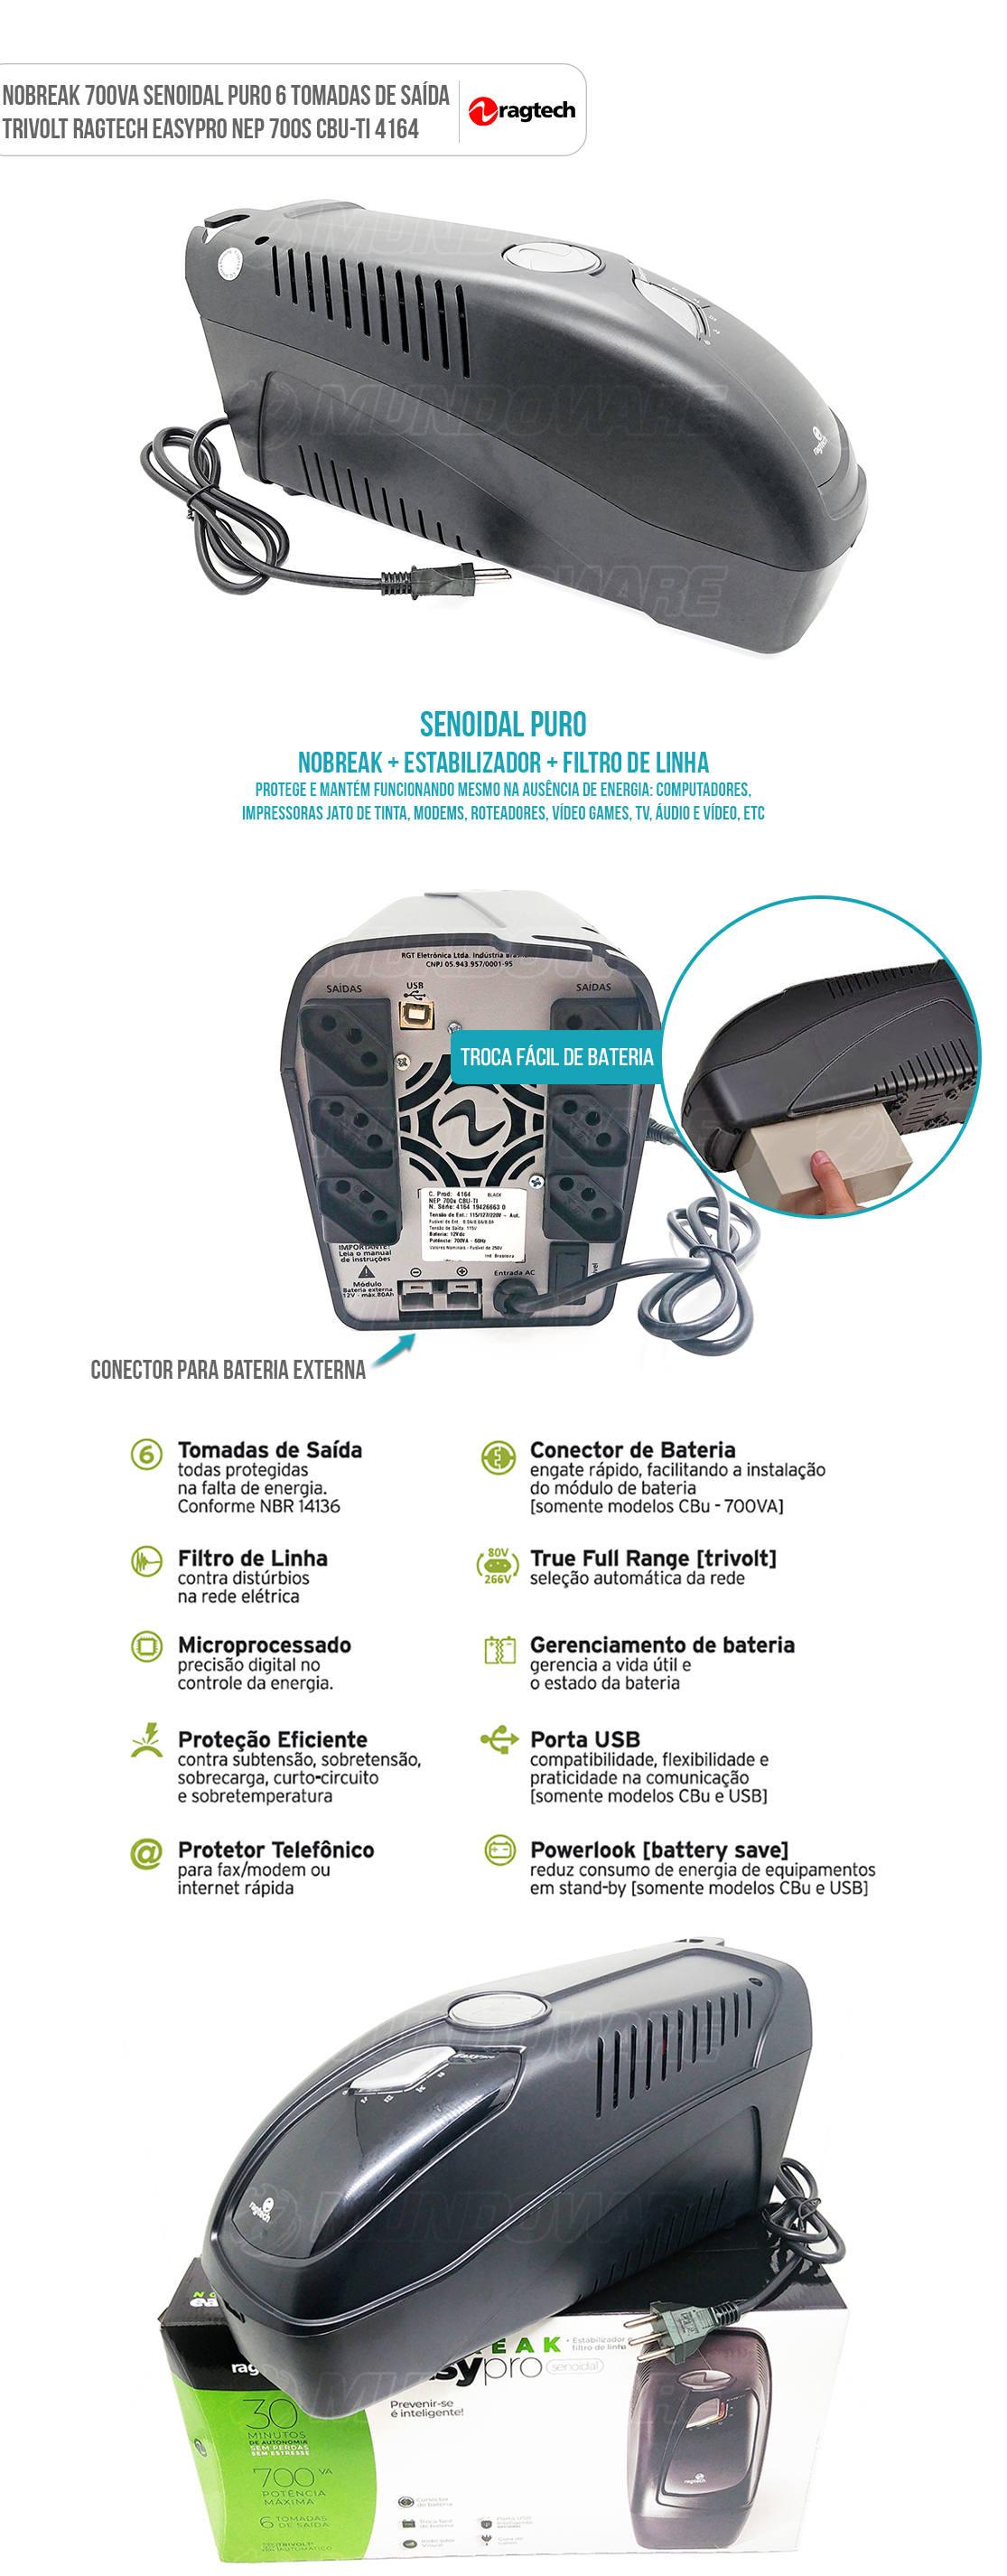 Nobreak 700VA Senoidal Puro Engate de Bateria Externa Trivolt 4164